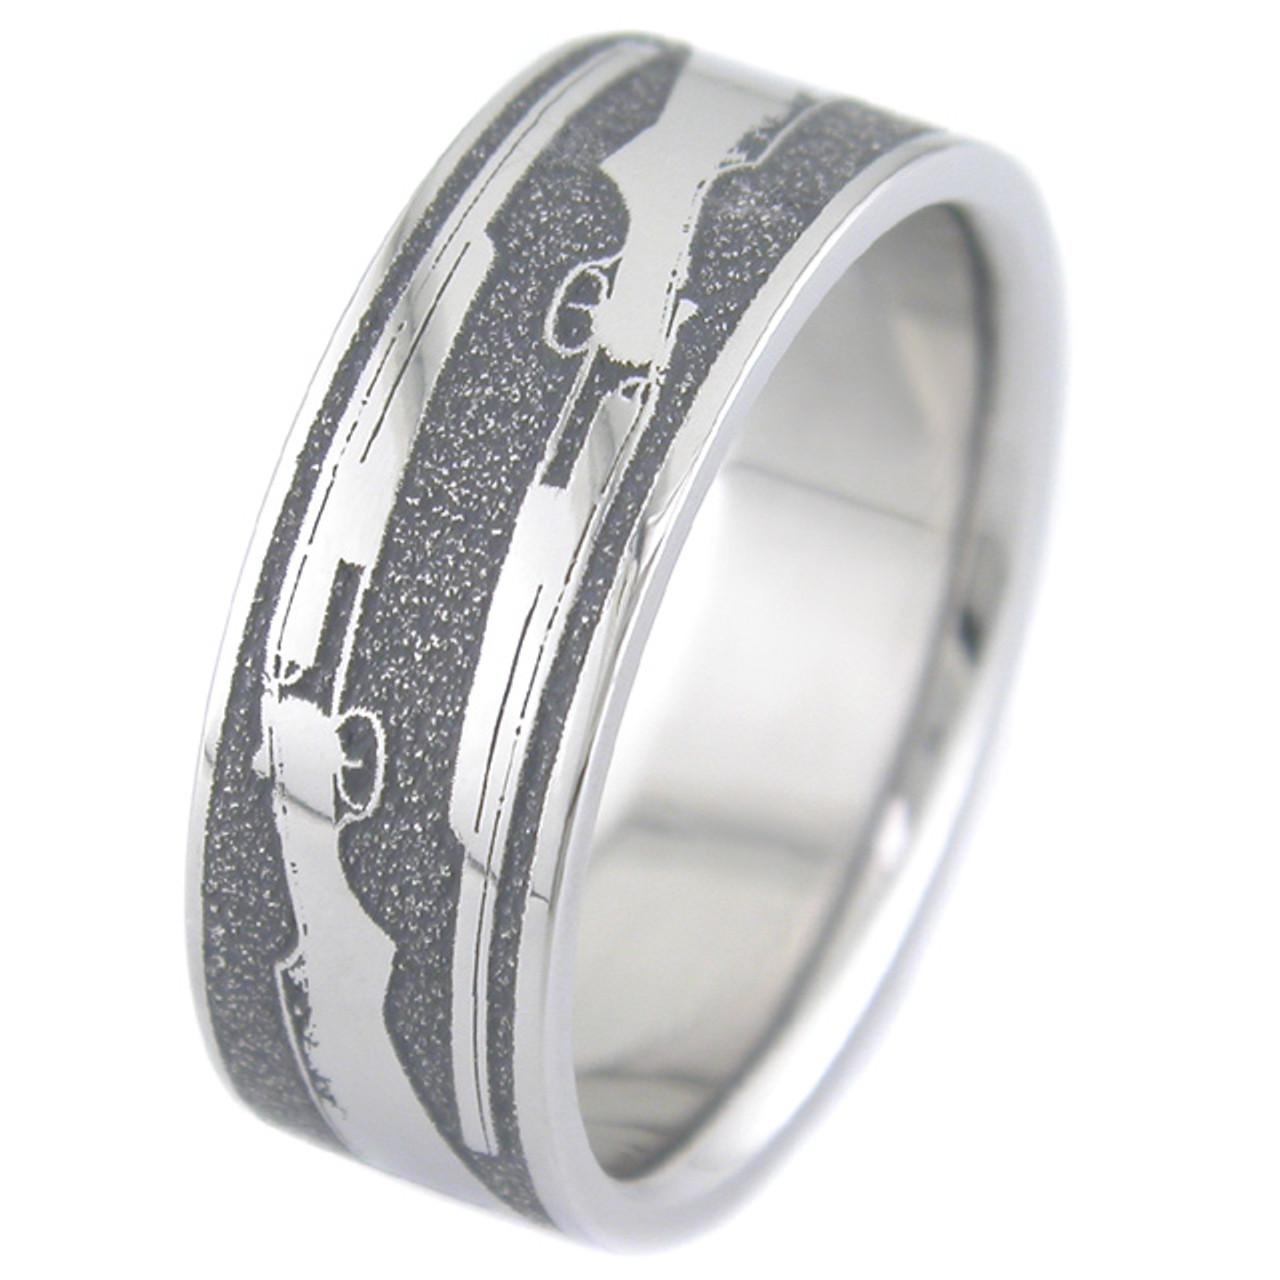 The Shotgun Wedding Ring Unique Titanium Rings More TitaniumBuzz